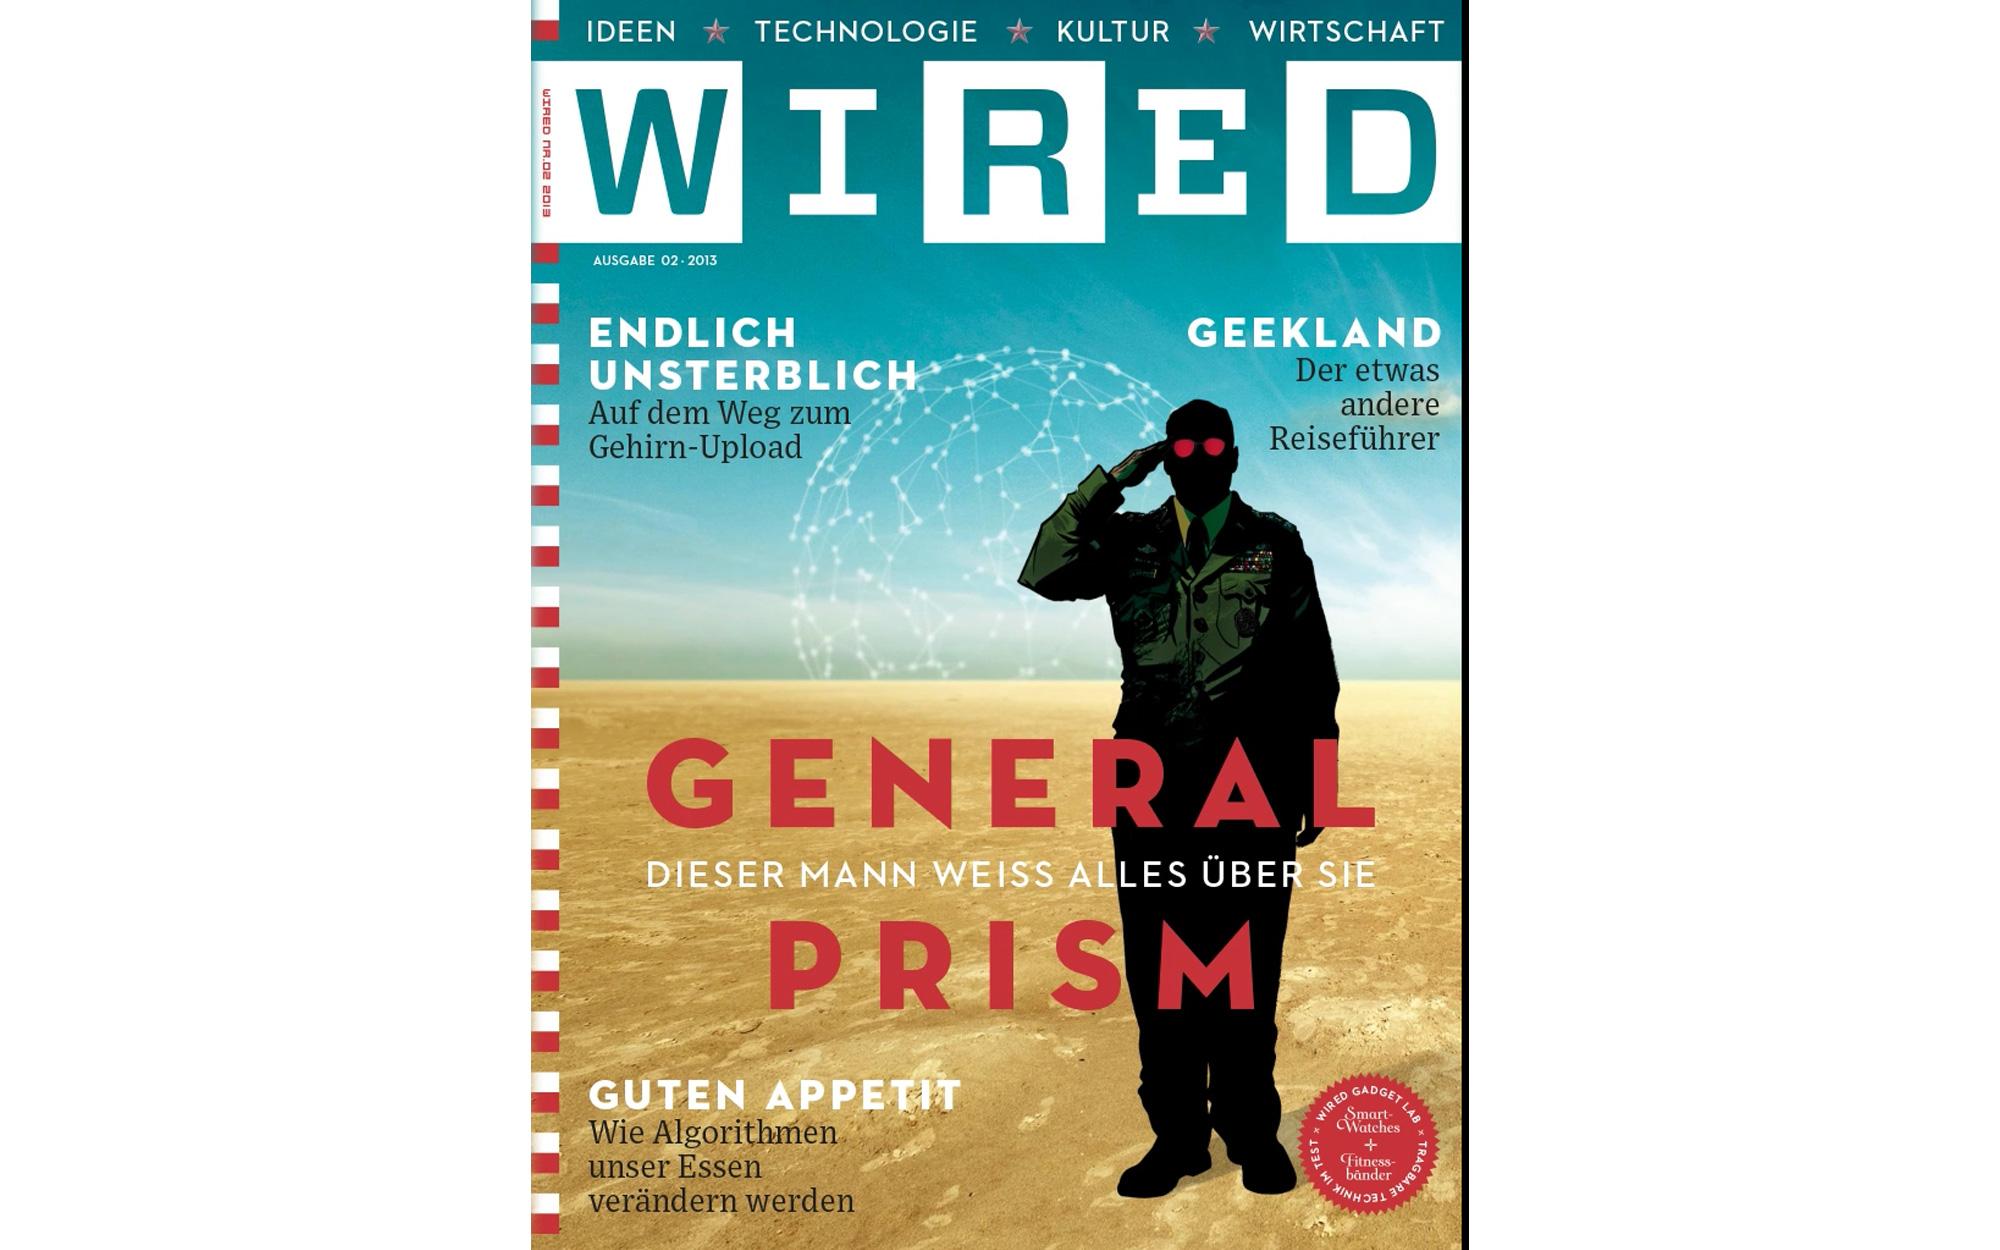 WIRED GERMANY MAGAZINE – Brainrental – Lab